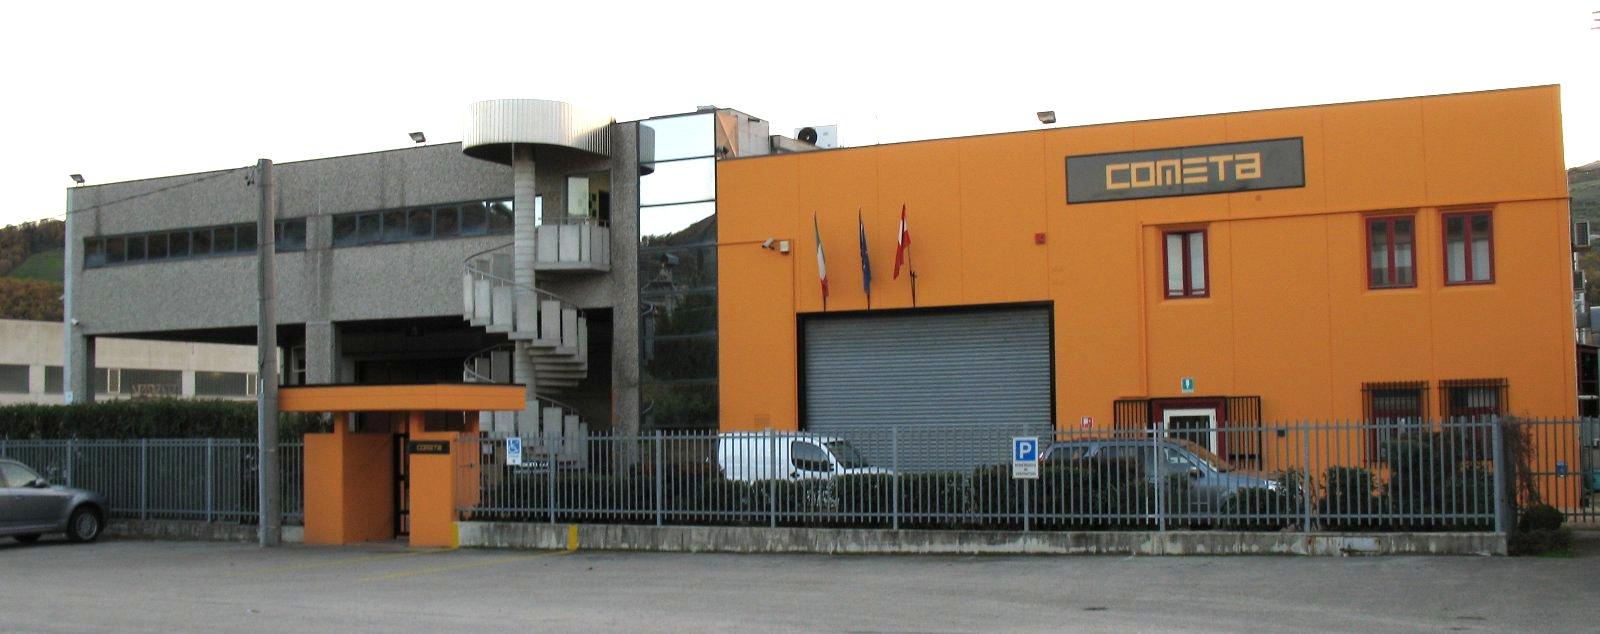 Chiude l'azienda Cometa di Casoli, 38 licenziati